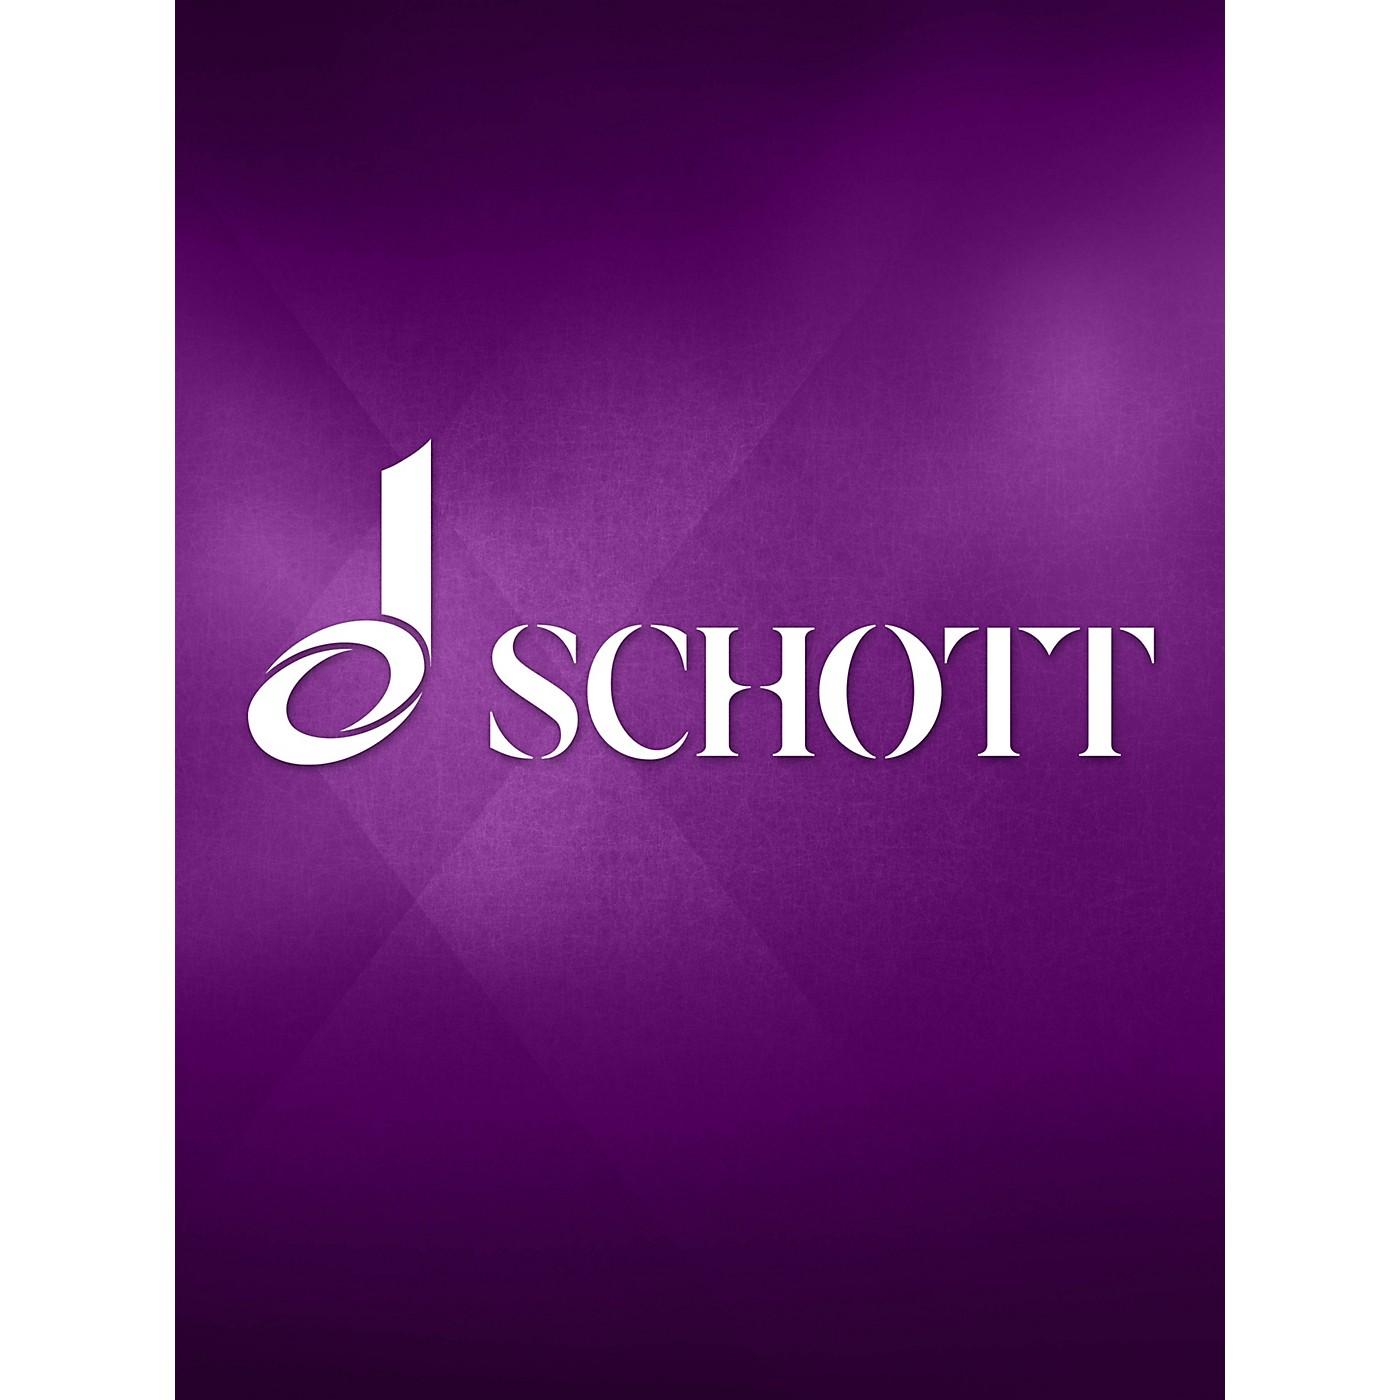 Schott 3 Zigeunerromanzen (for Voice and Piano) Schott Series  by Hermann Reutter thumbnail